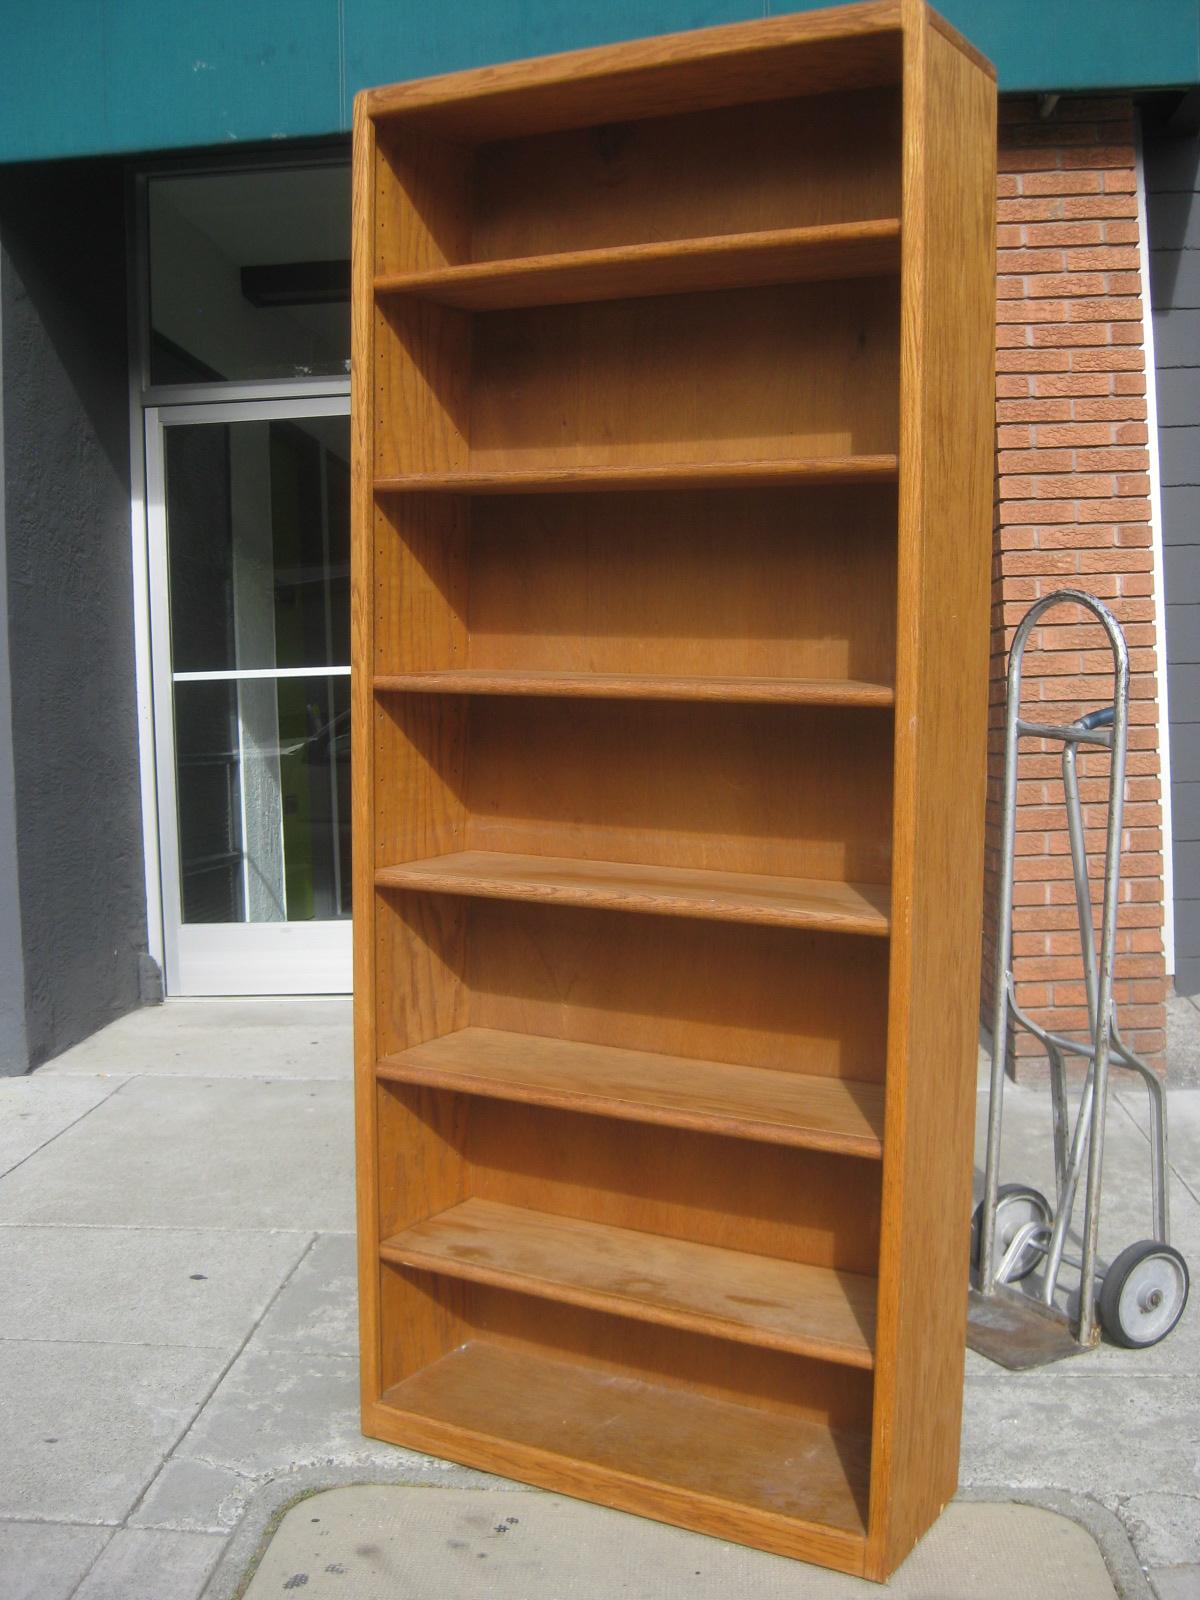 sold 7 tall oak bookshelves 90 each - Tall Bookshelves